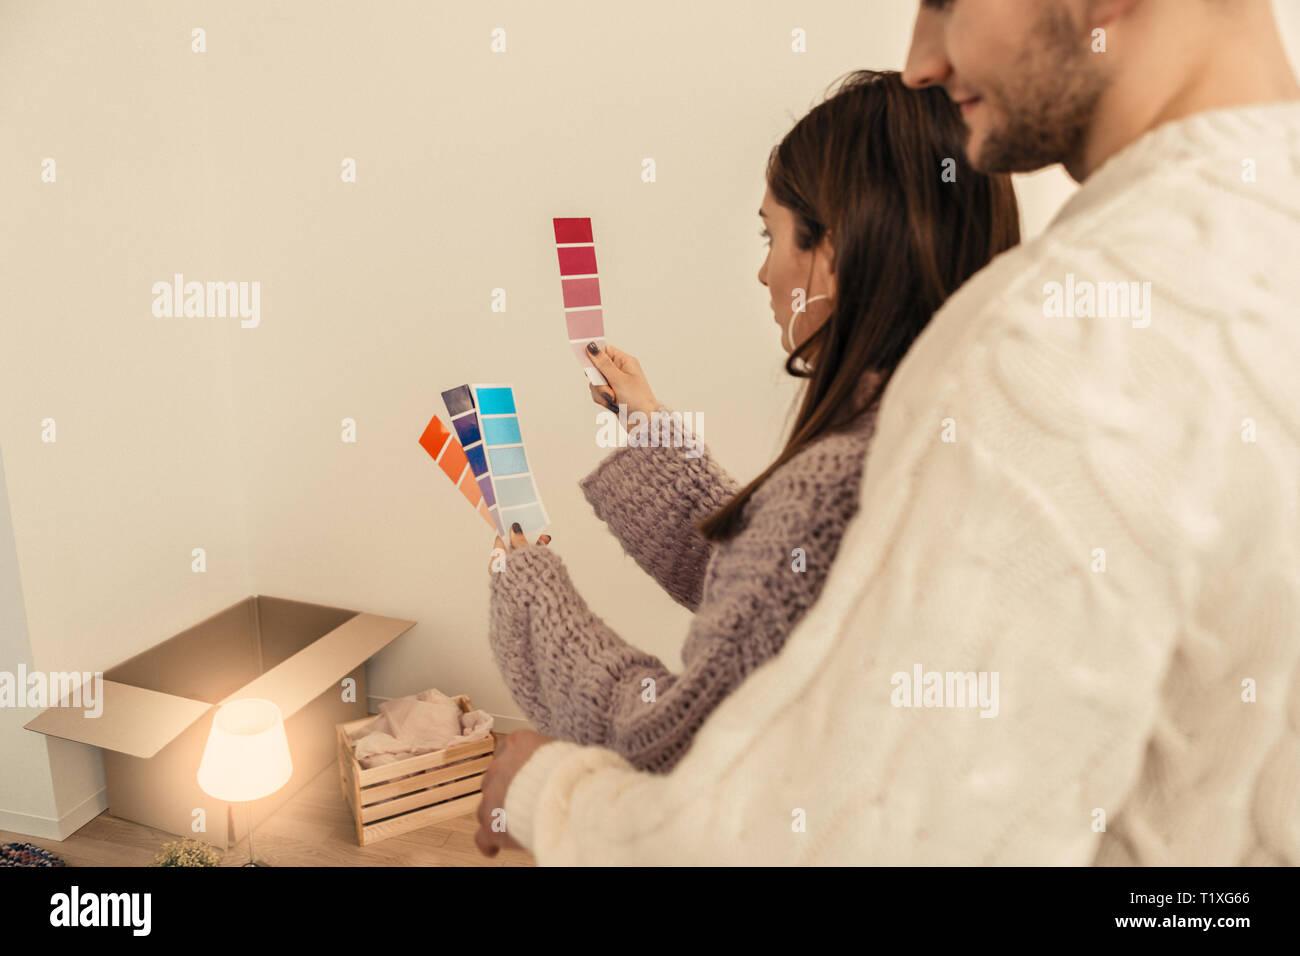 Par elegir los colores para su casa haciendo renovación Foto de stock